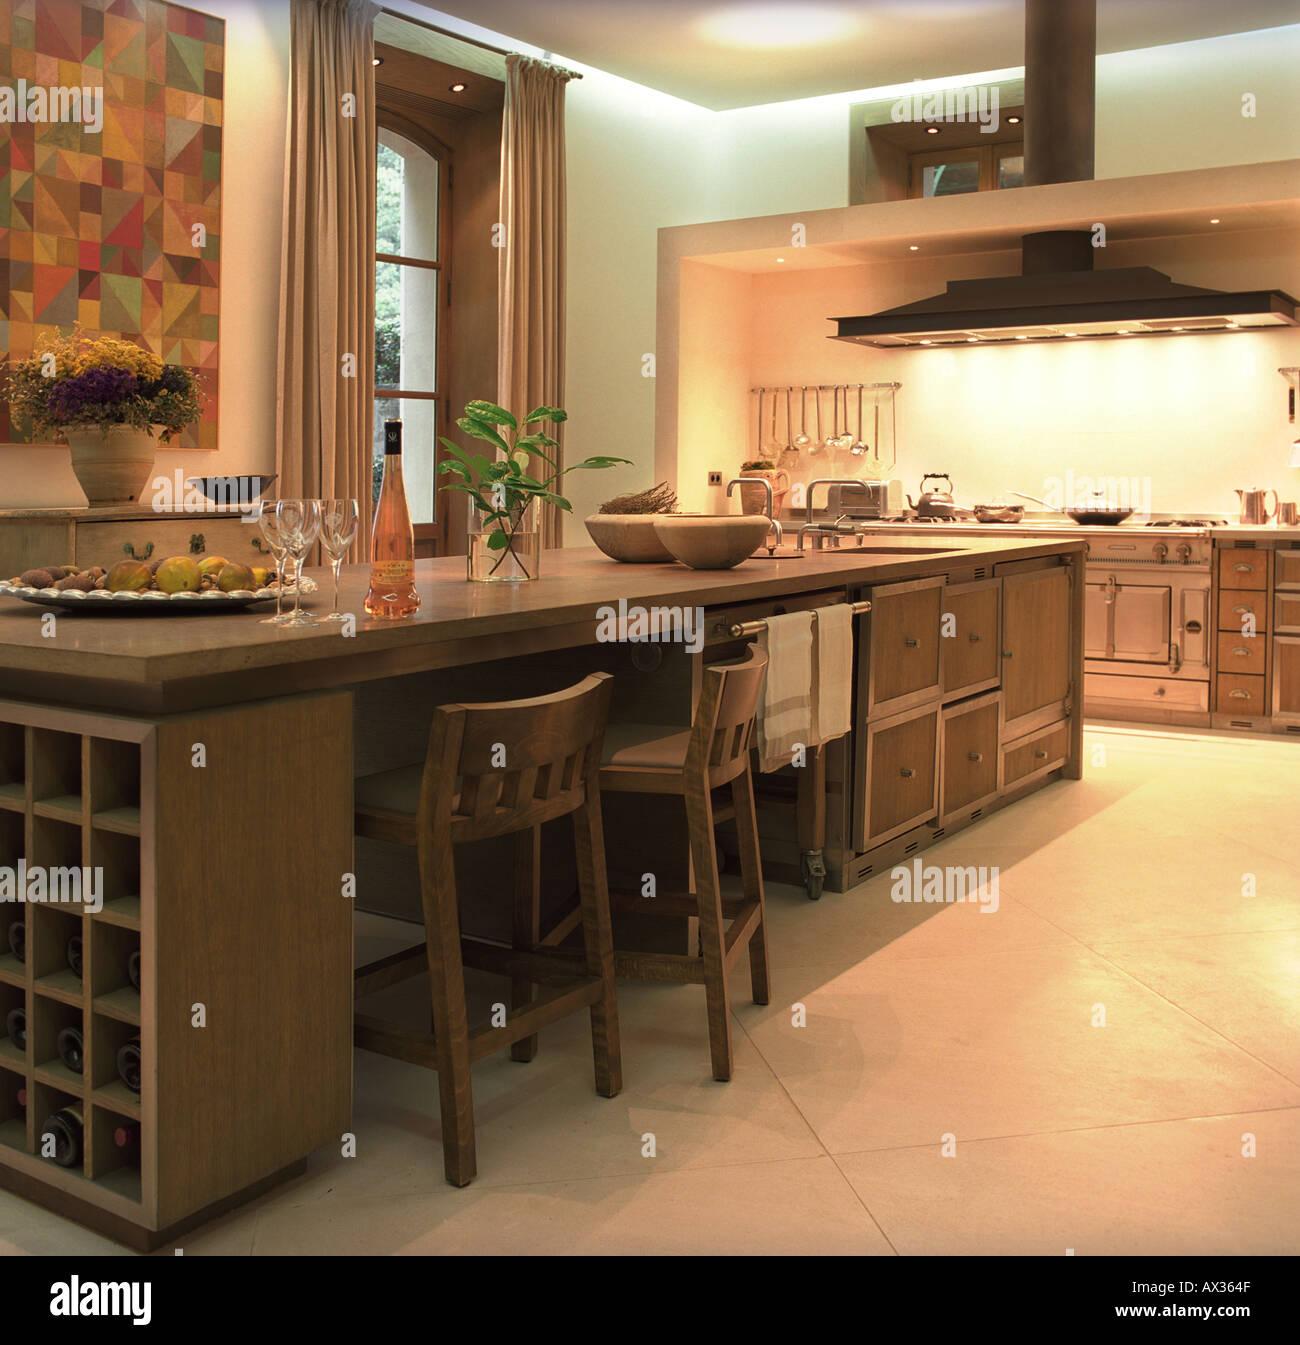 Chateau De Sejour Luxe Interieur Style Campagne Cuisine